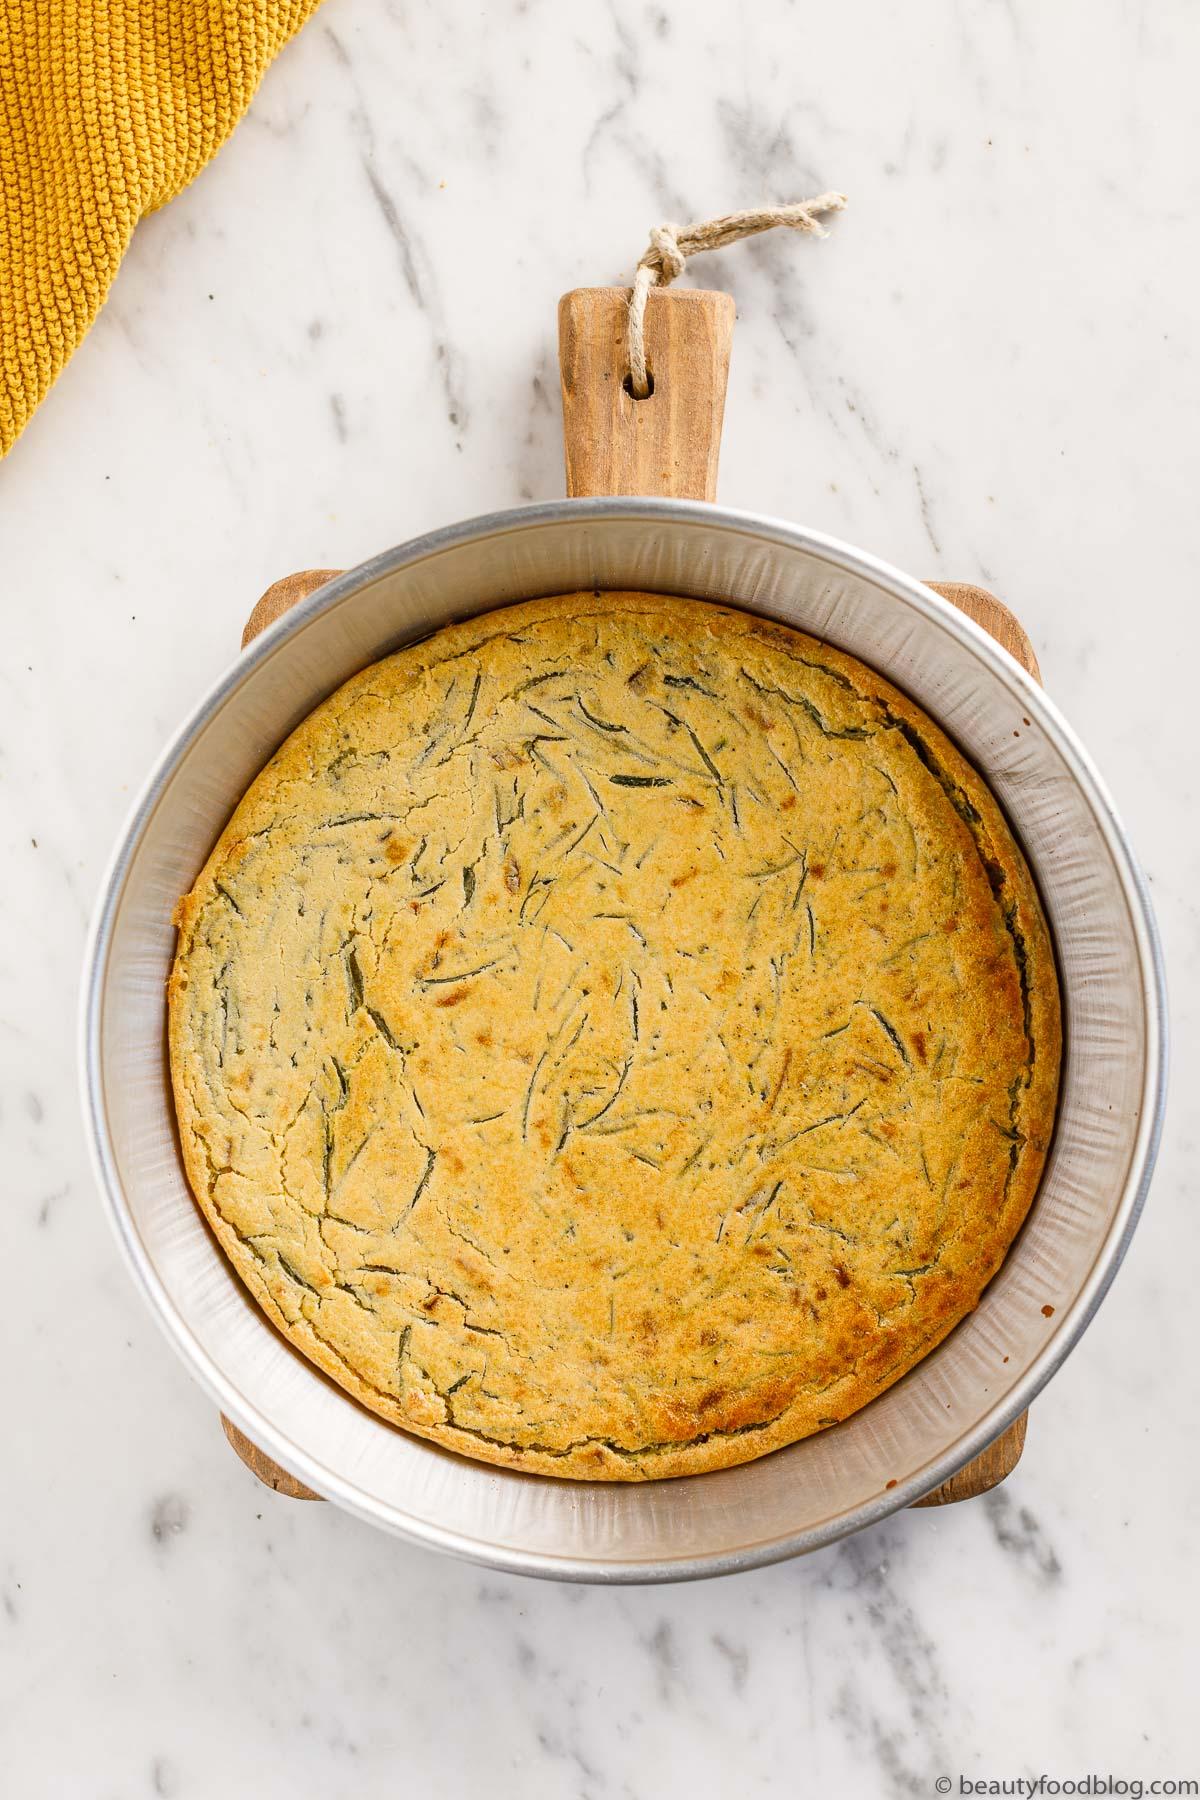 farinata di agretti al forno baked farinata